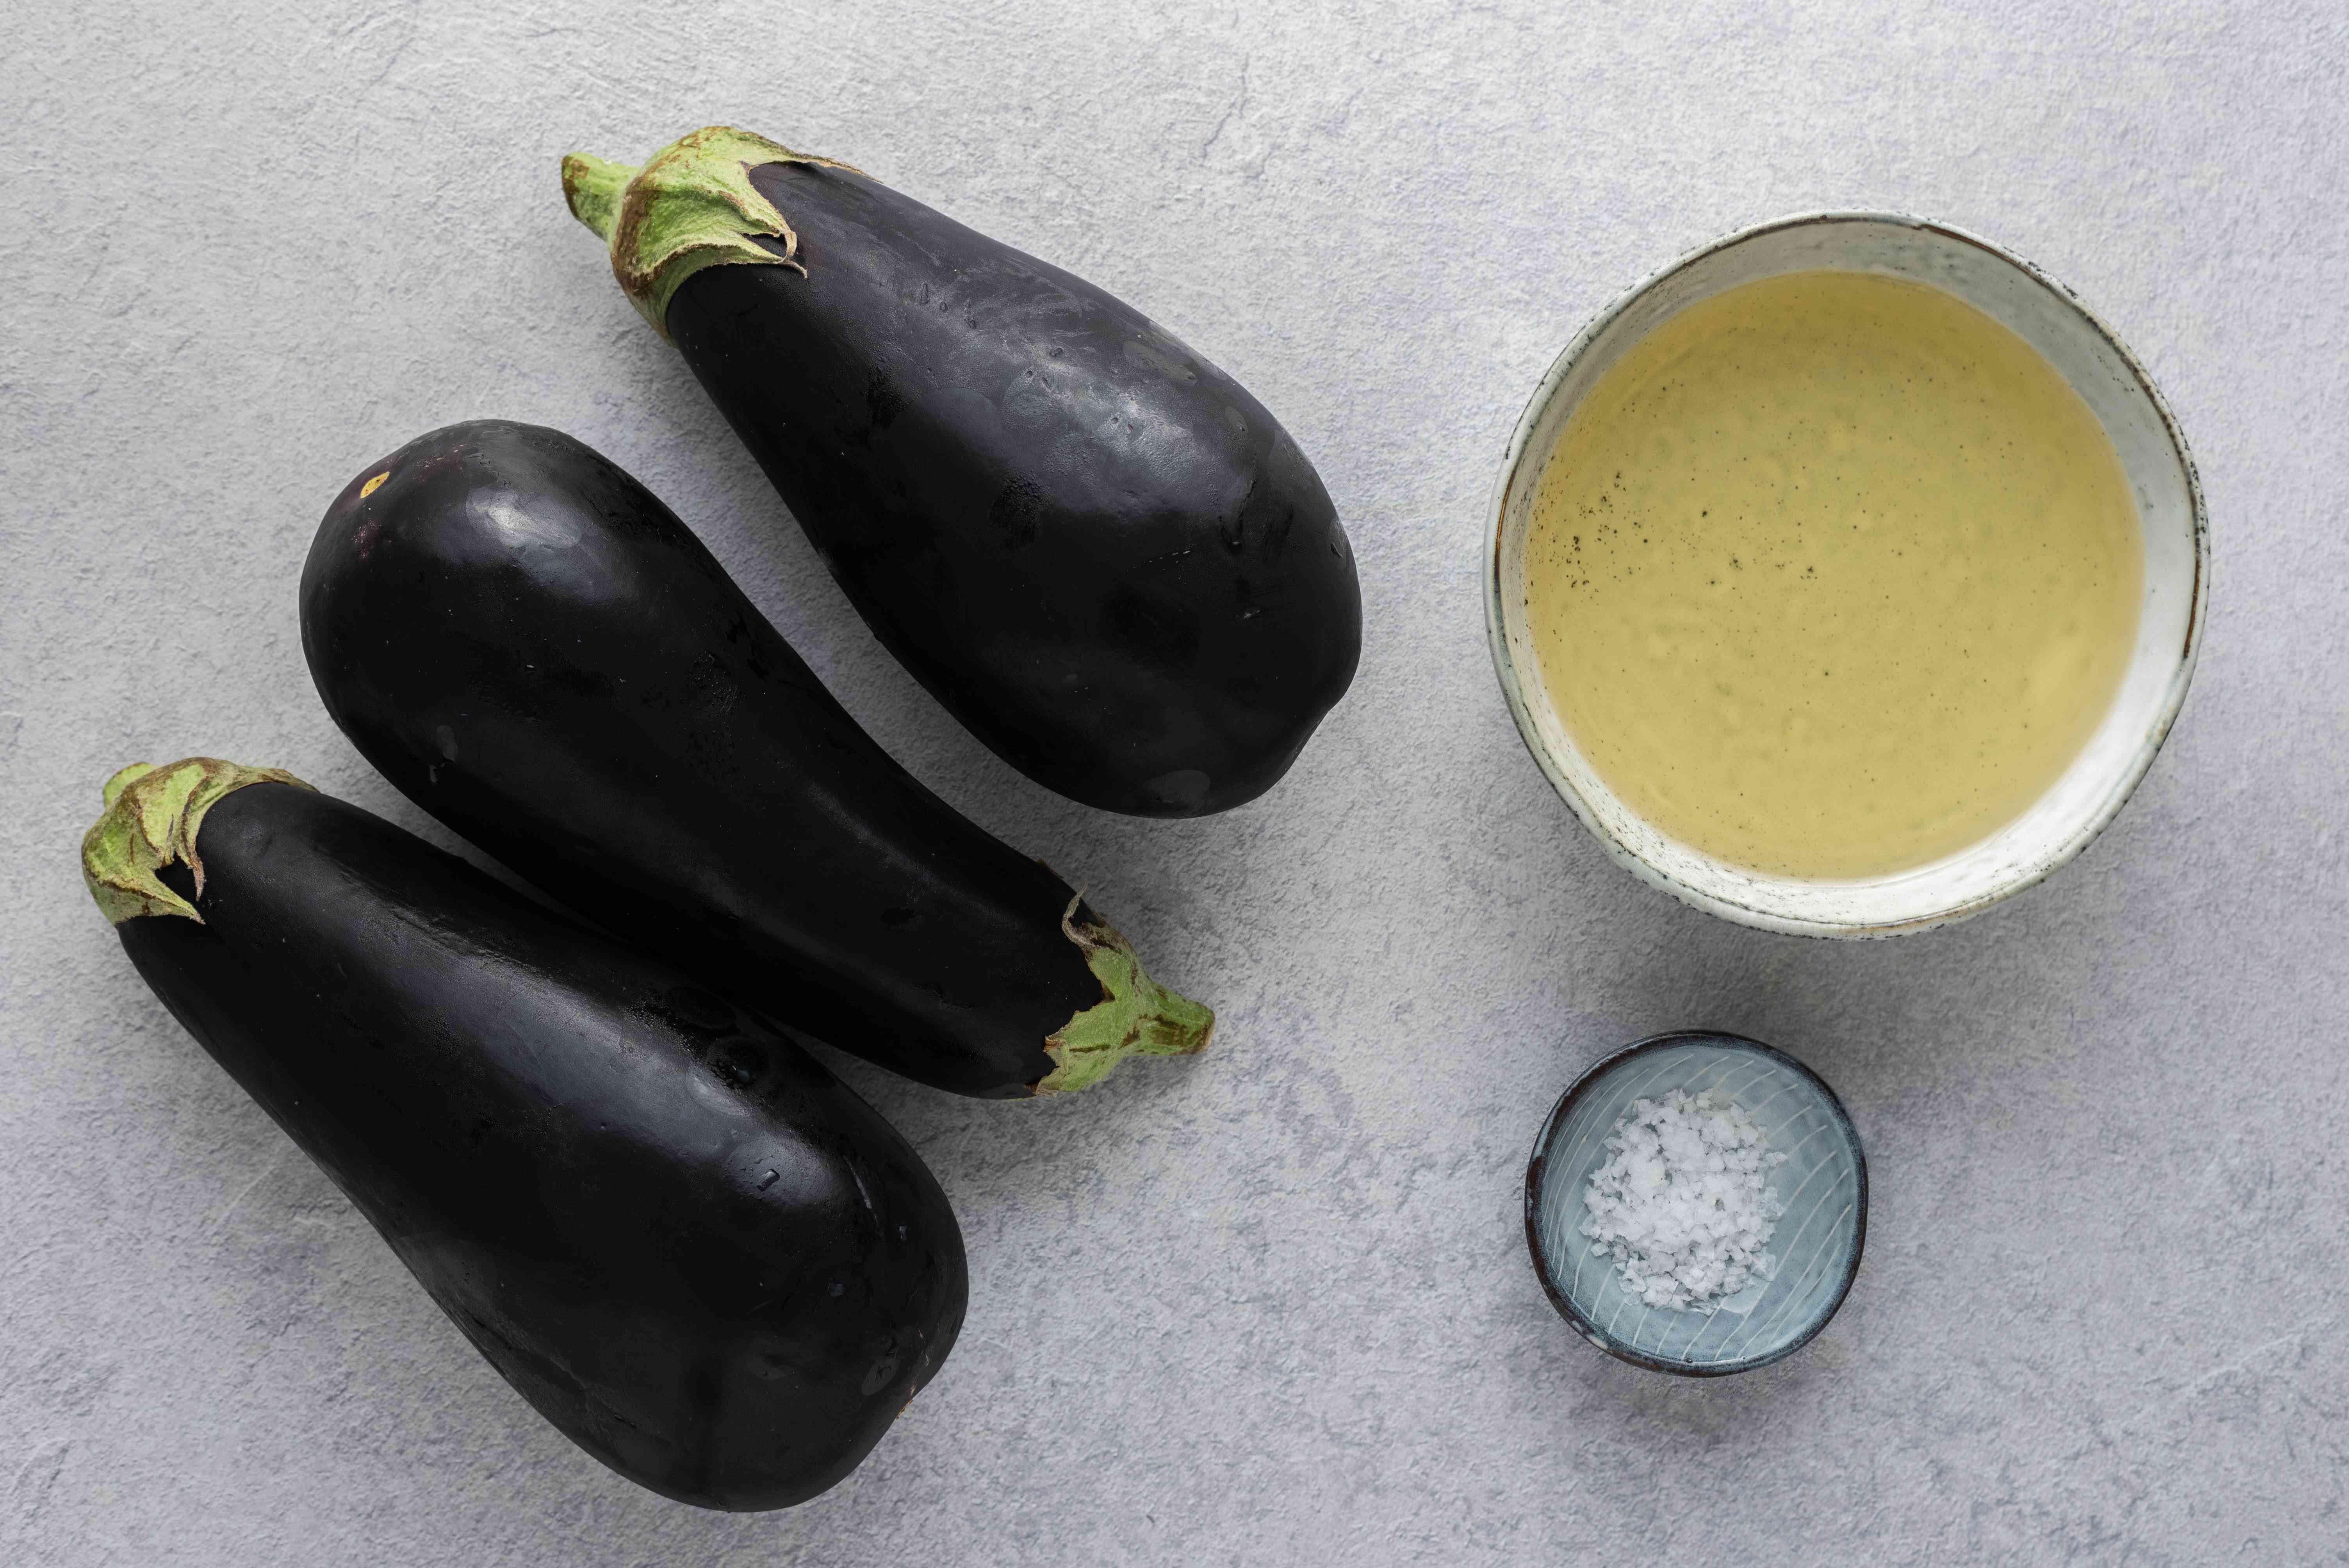 eggplants, salt and oil